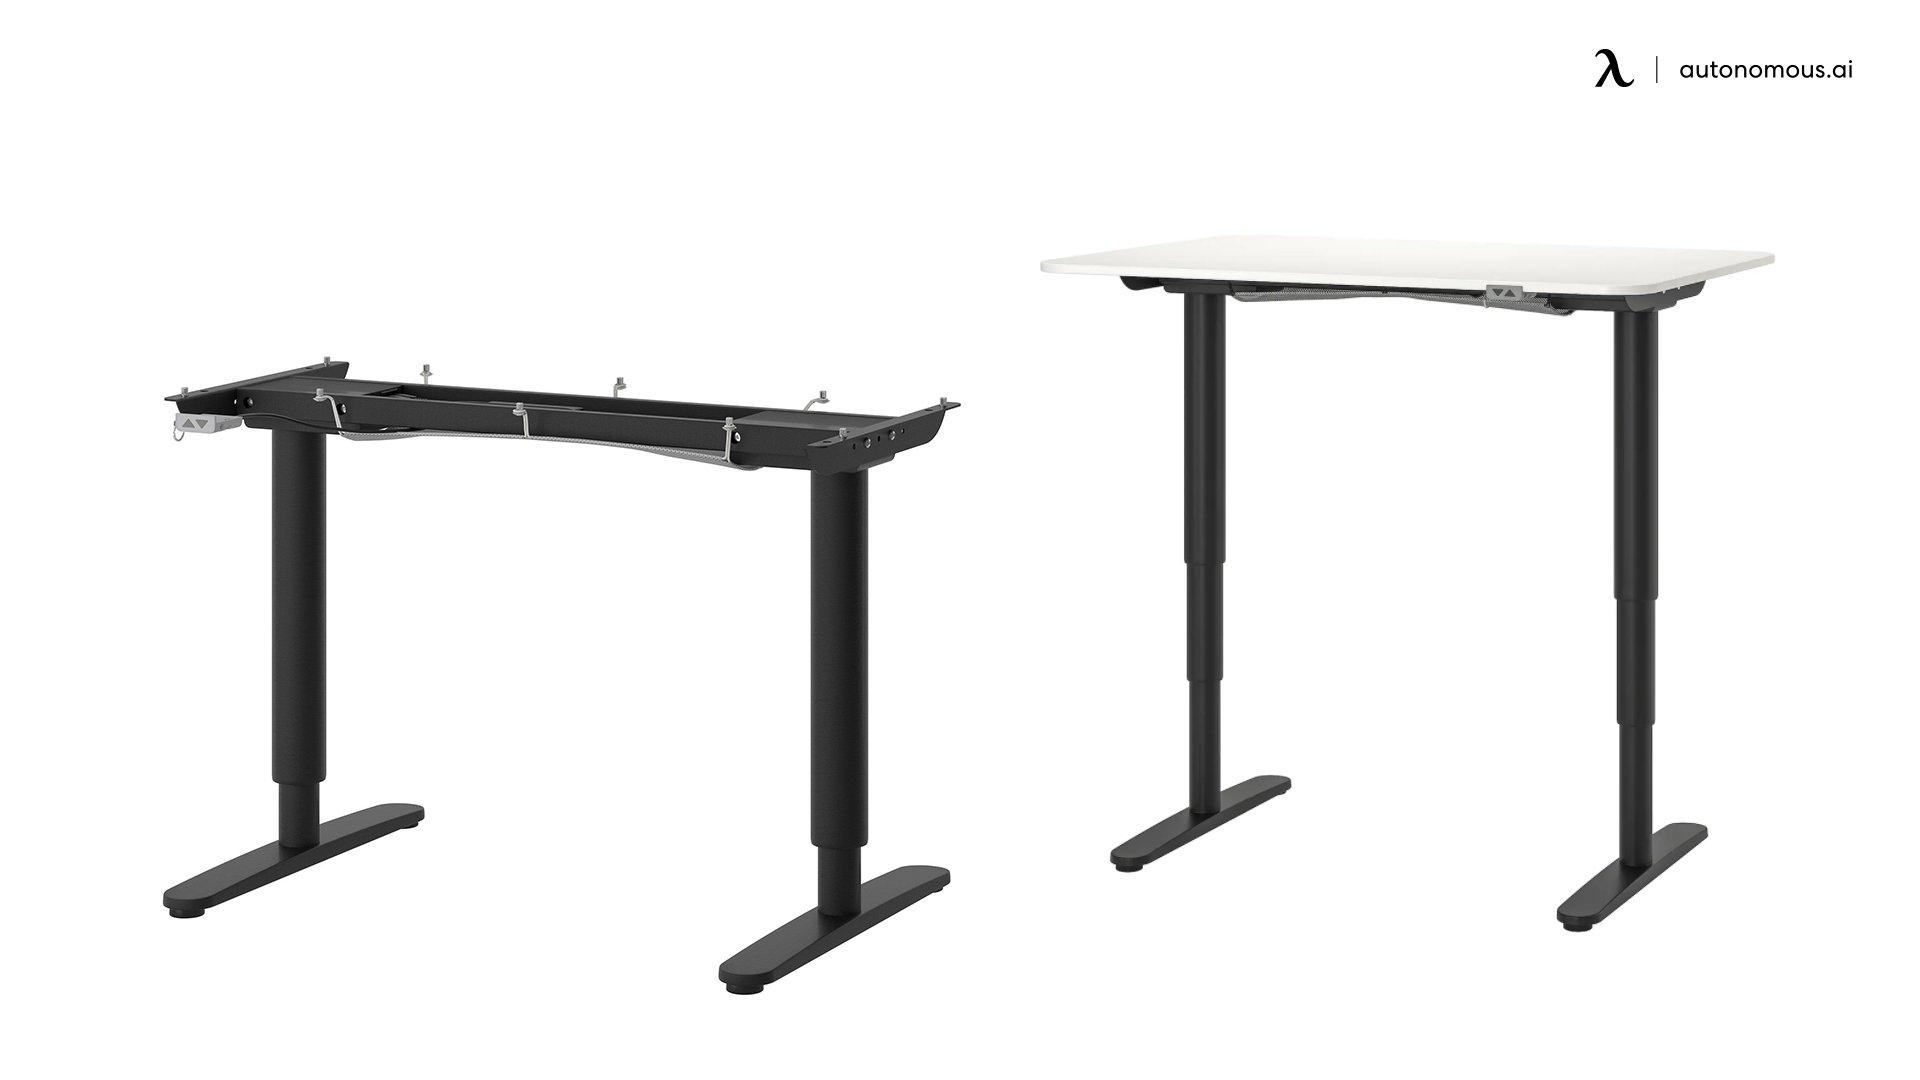 IKEA Bakent Standing Desk Frame